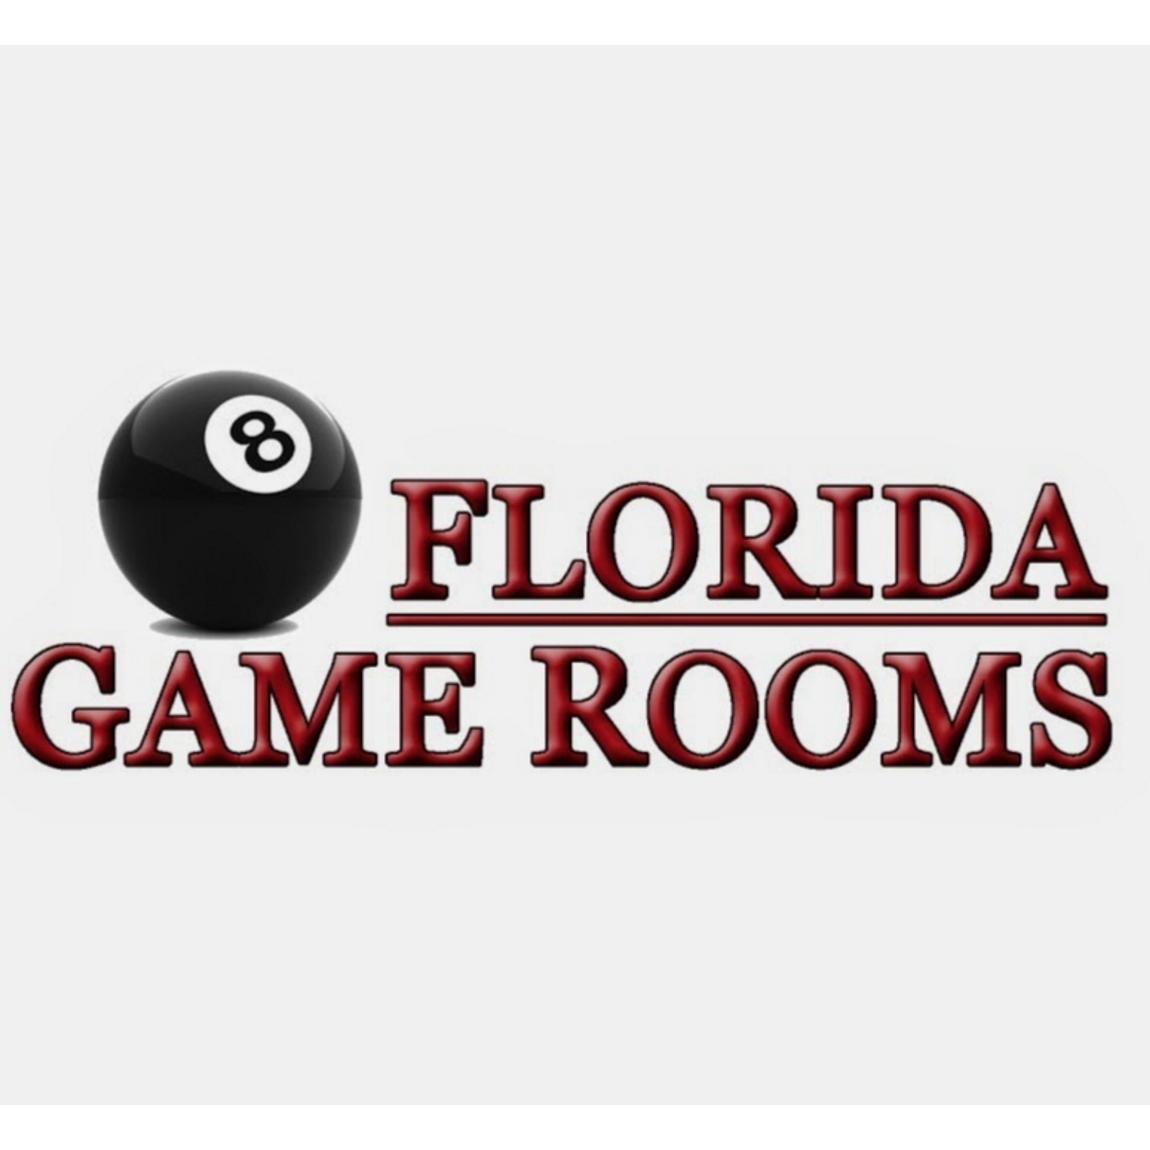 Florida Game Room - Orlando, FL 32837 - (407) 859-4400 | ShowMeLocal.com